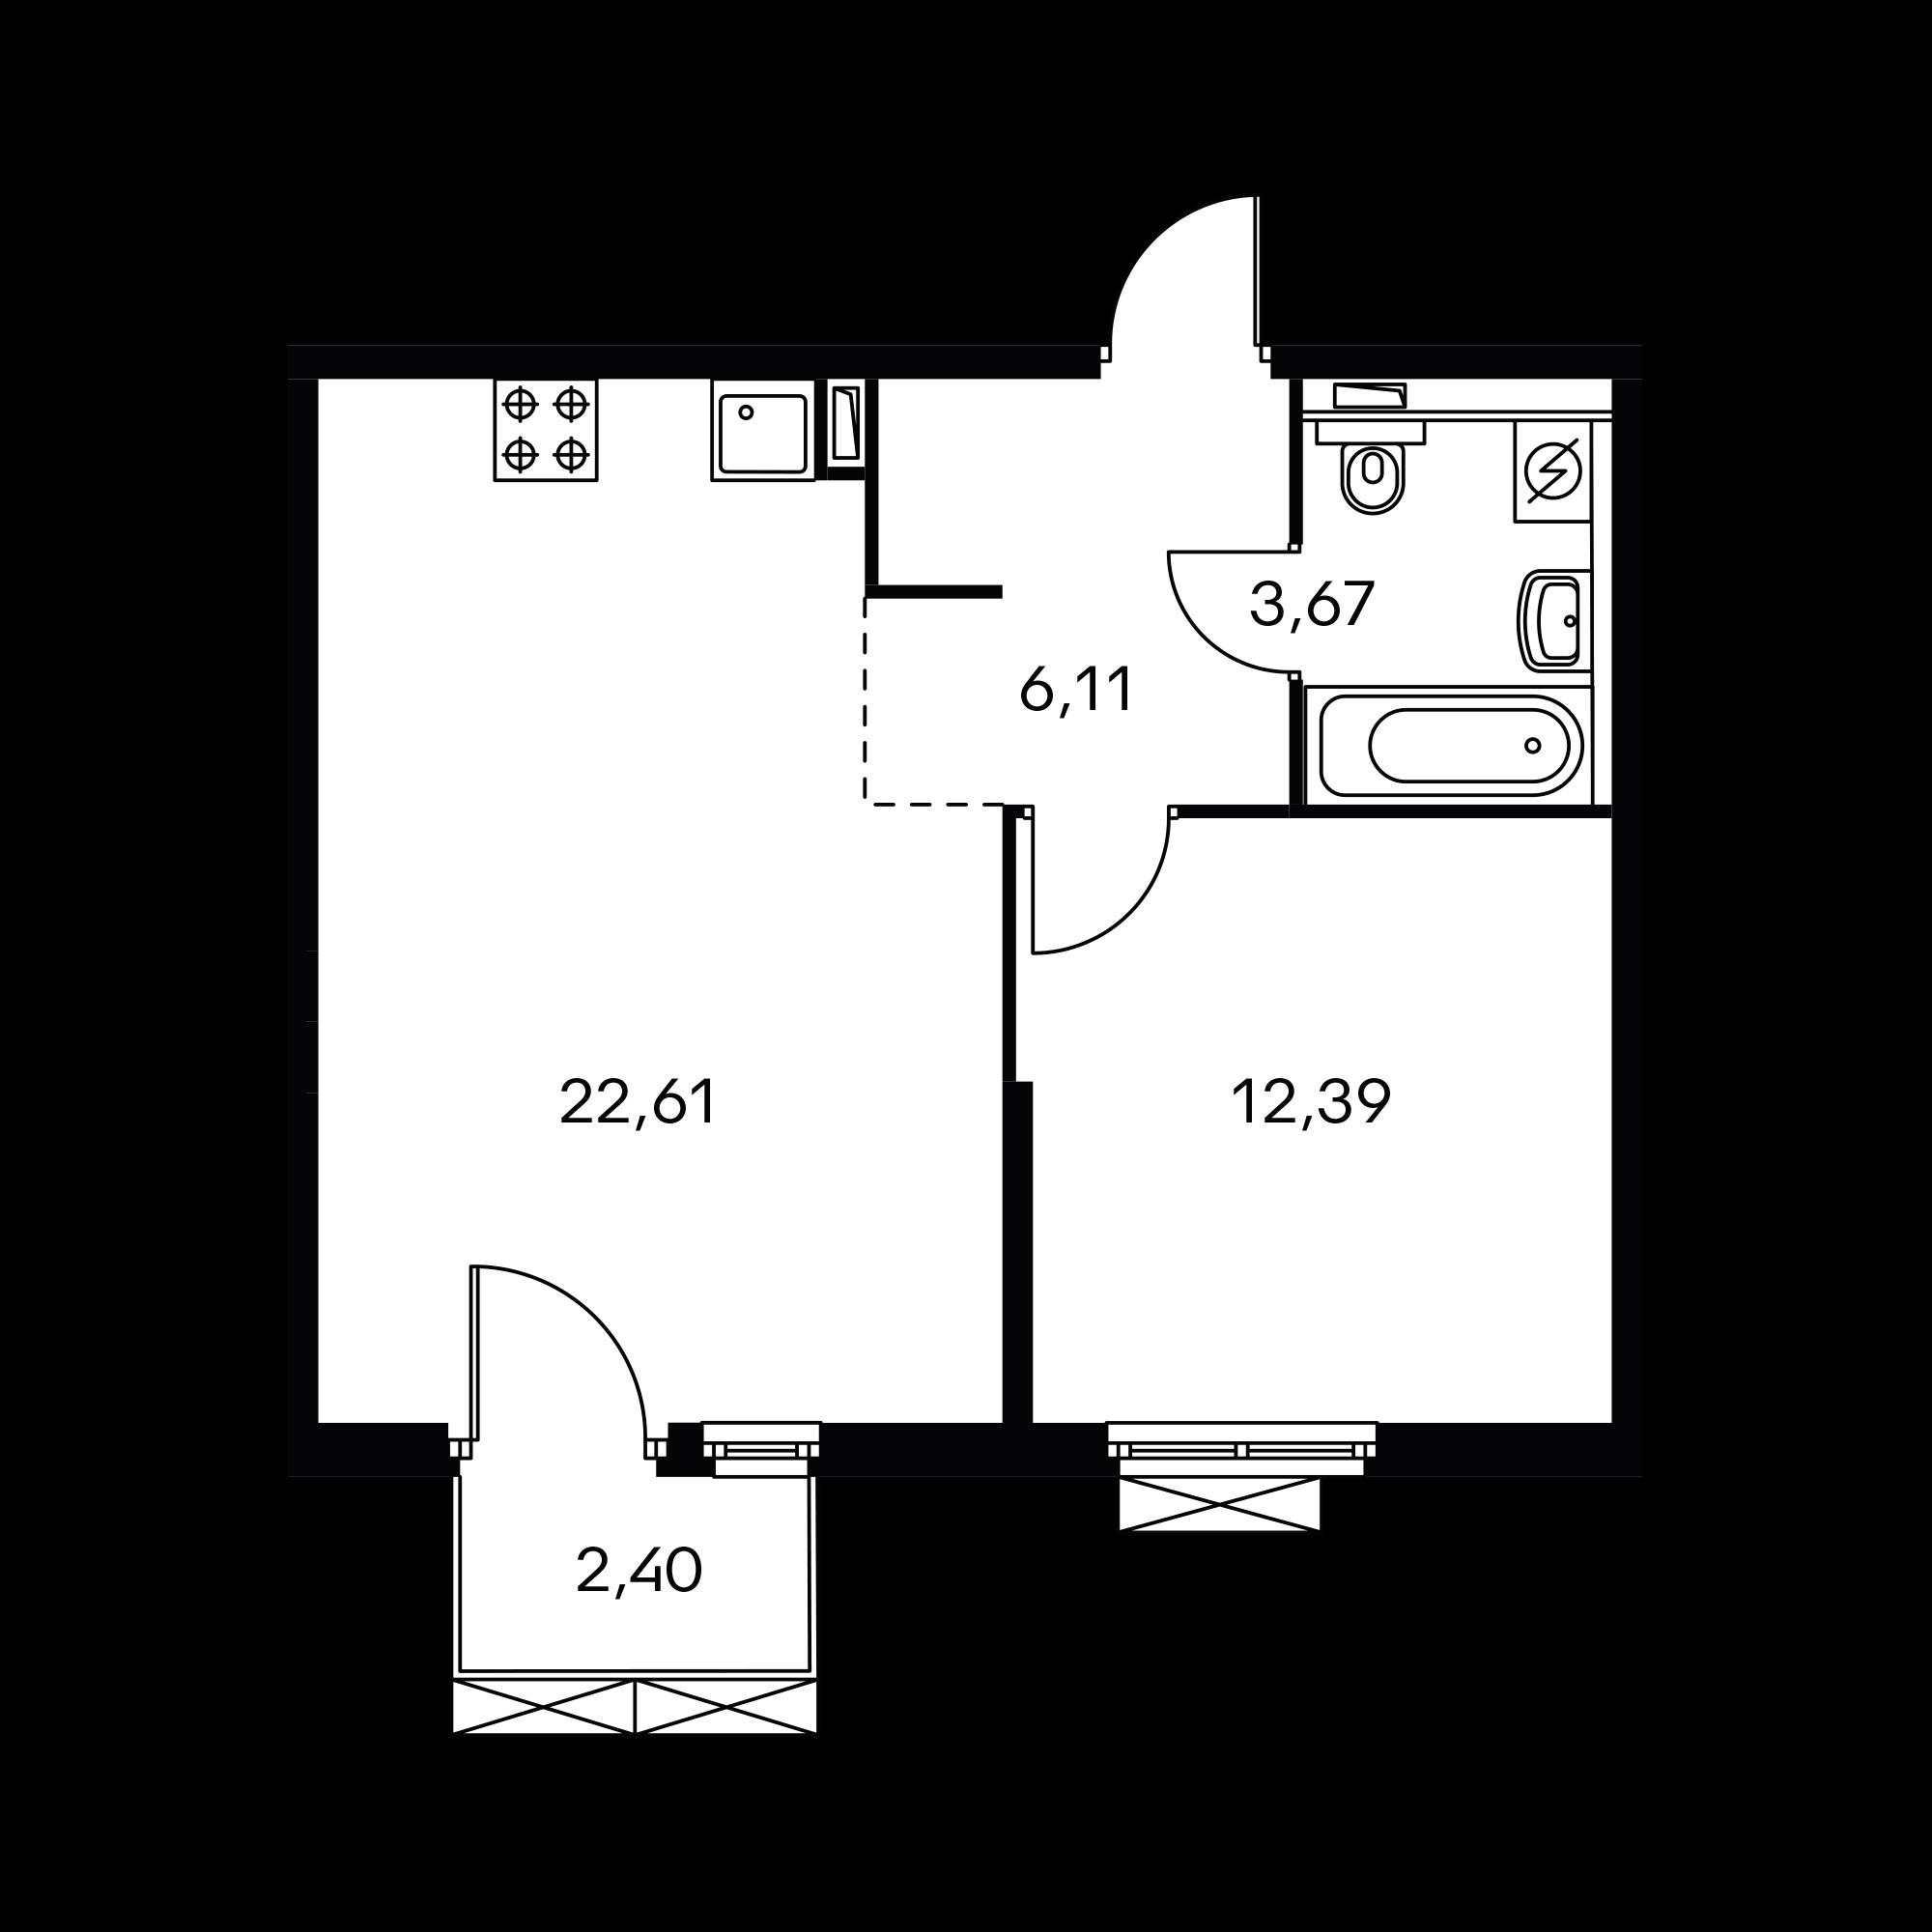 1EL5_7.8-1_B_S_Z